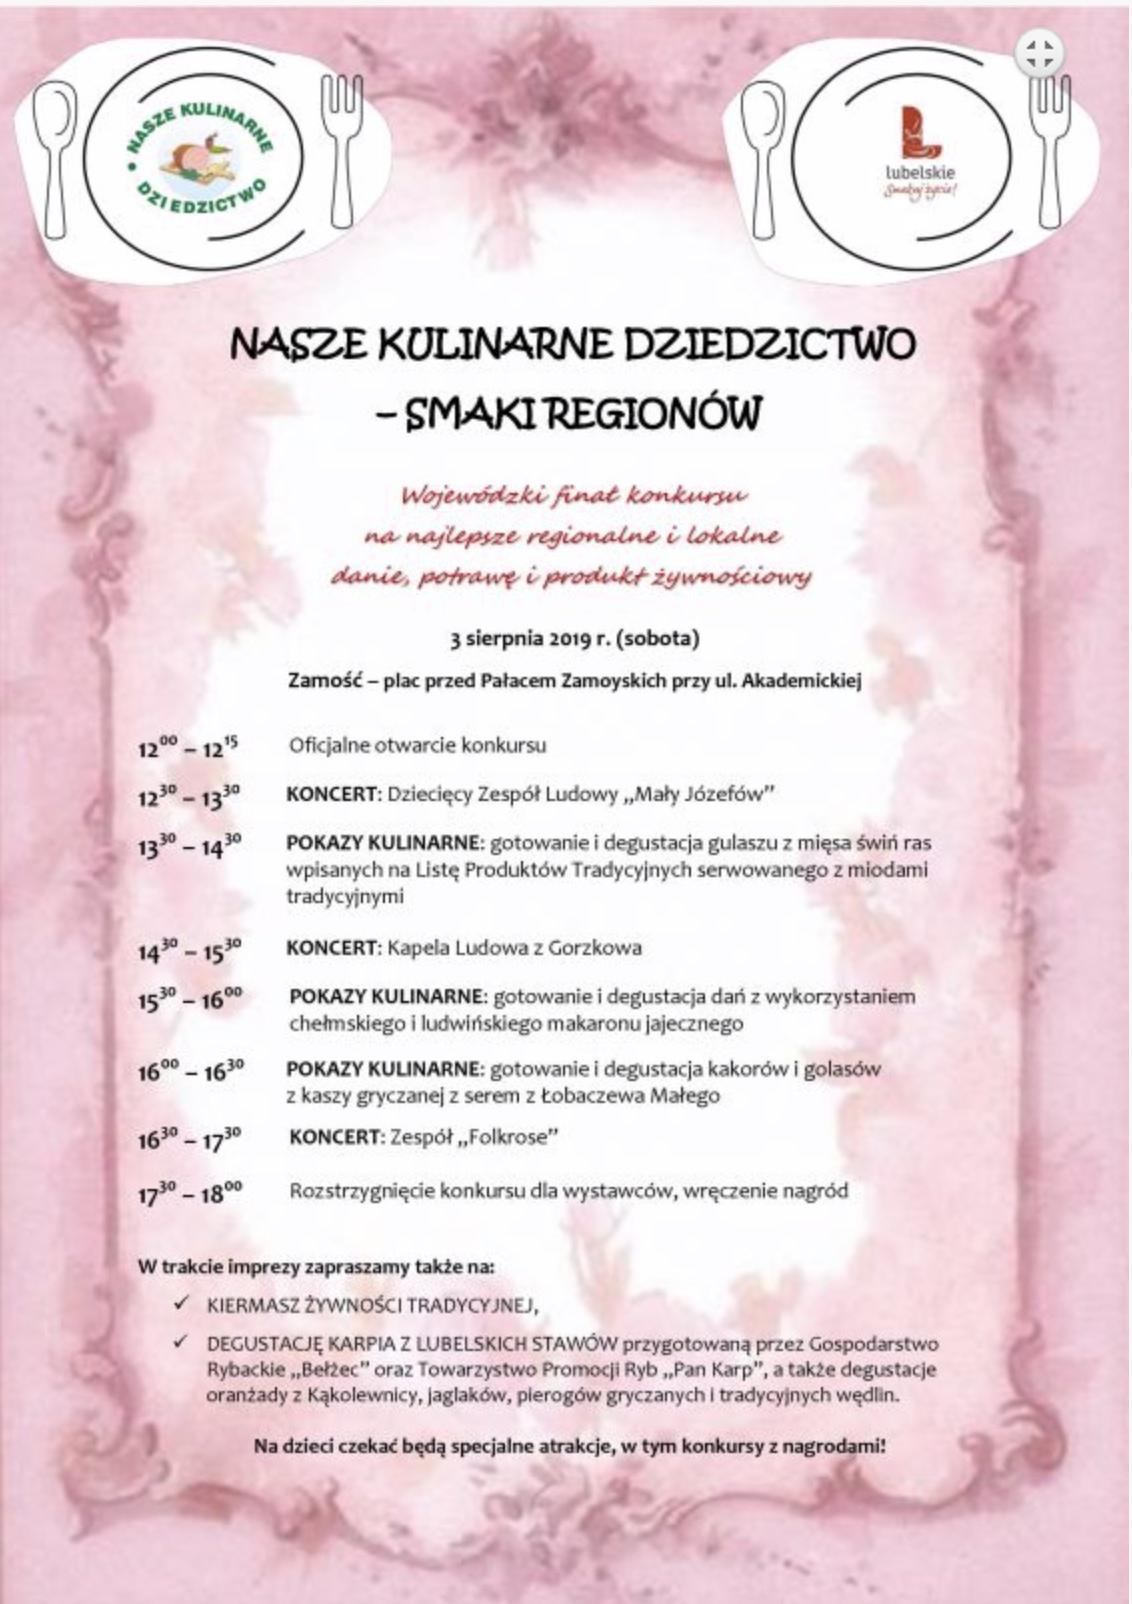 zrzut ekranu 2019 08 1 o 13 25 49 Smaki Regionów już w sobotę w Zamościu. Publikujemy program!